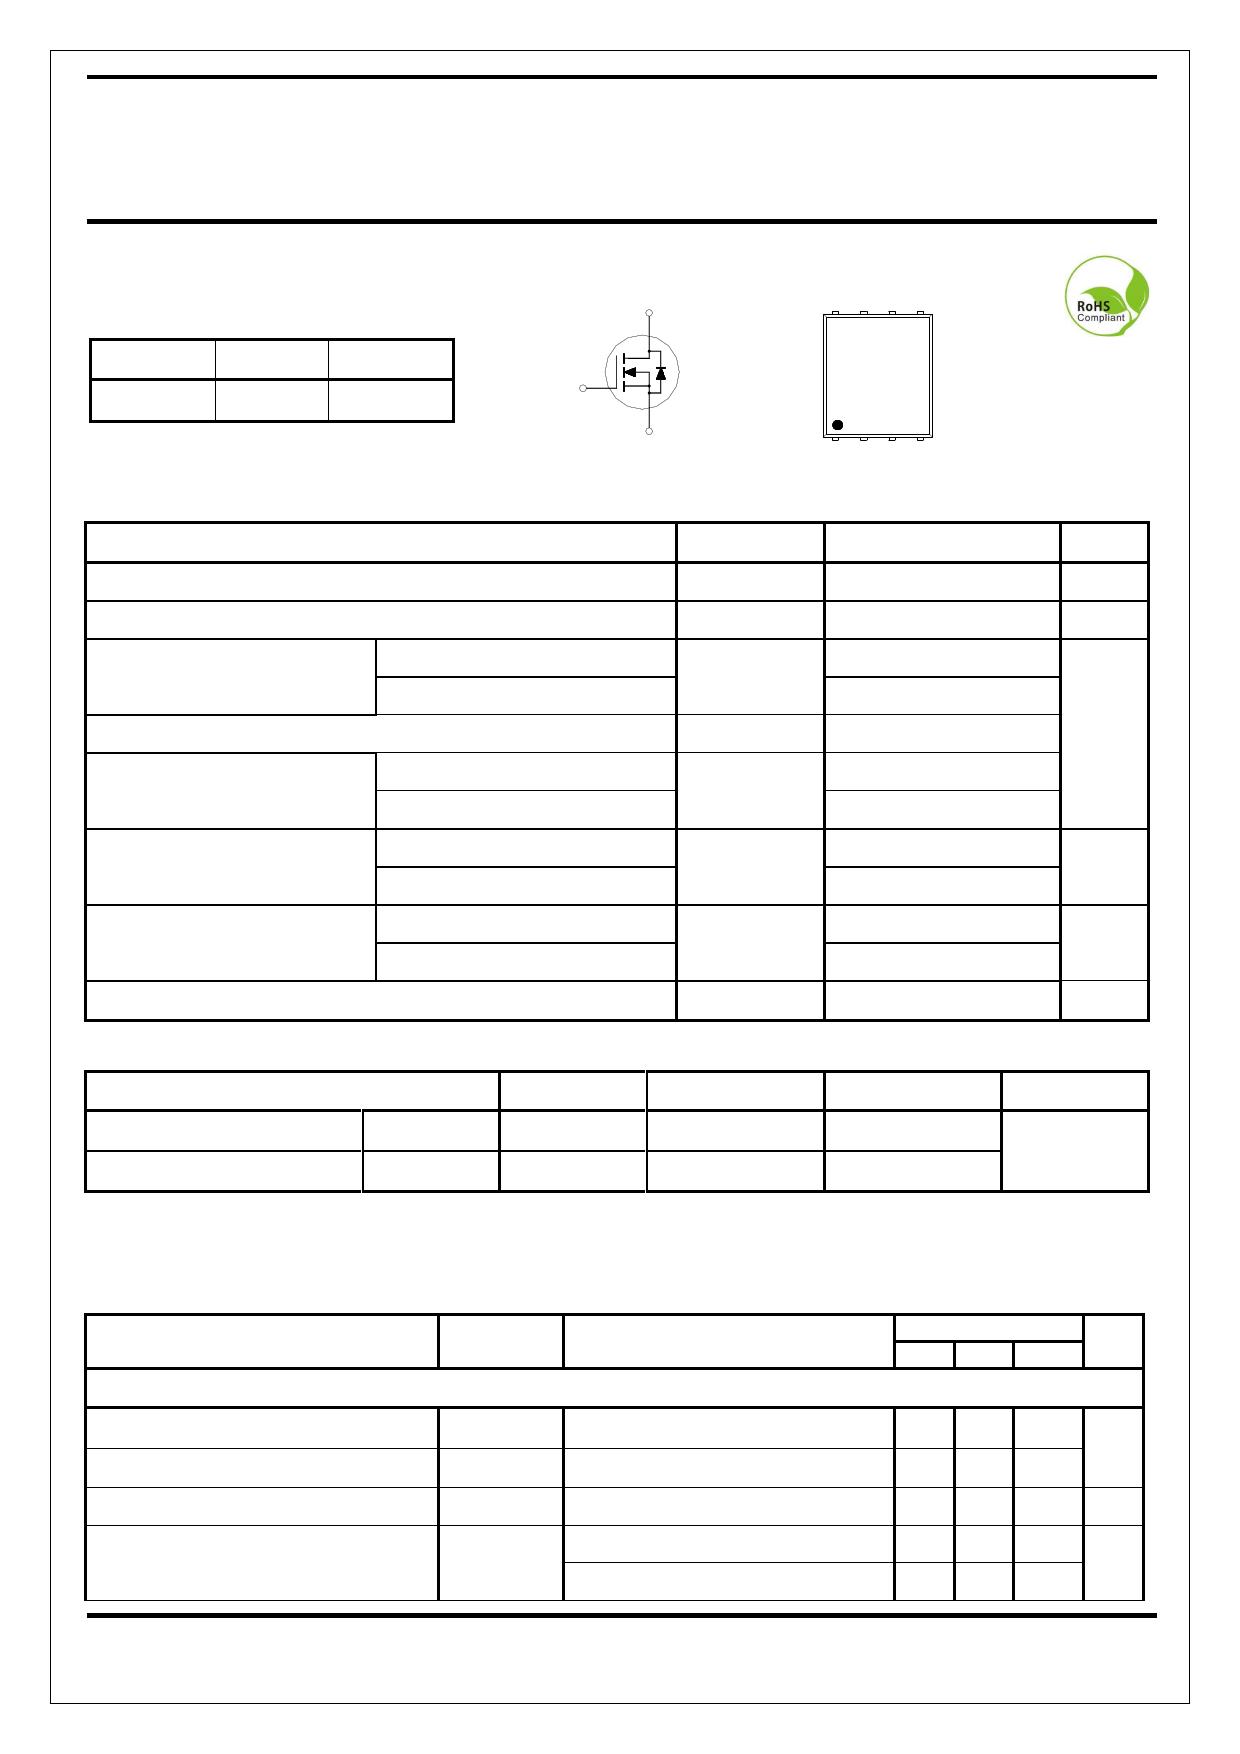 P1003BKA 데이터시트 및 P1003BKA PDF